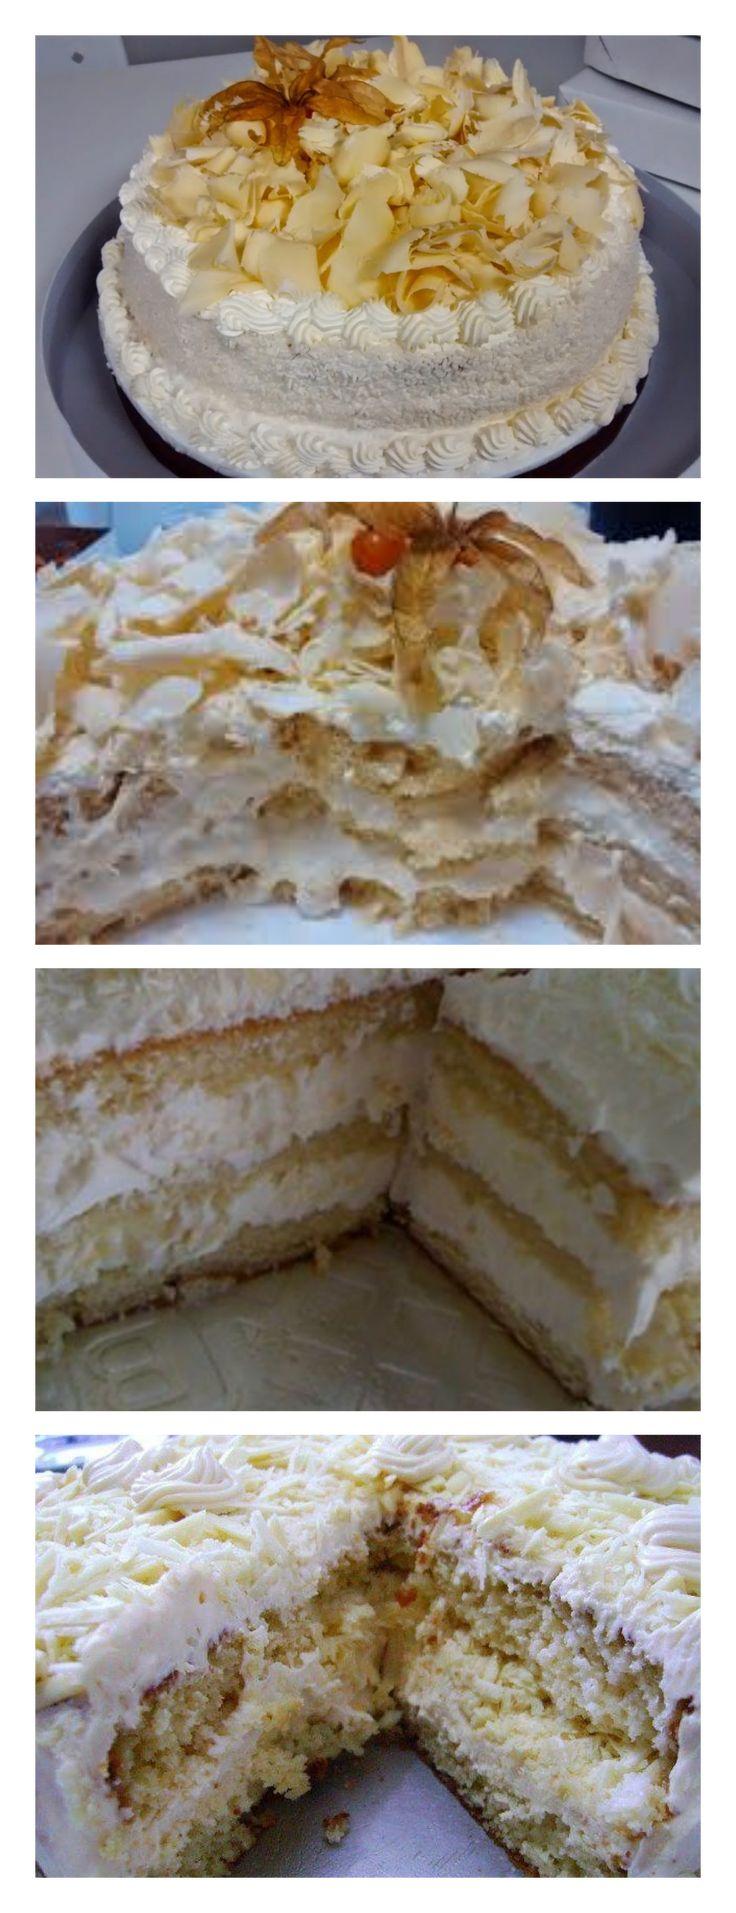 Torta 4 leites deliciosa veja>. salve este pin Misture os seis primeiros ingredientes na tigela da batedeira de bolo Ligue e deixe #bolo#torta#doce#sobremesa#aniversario#pudim#mousse#pave#Cheesecake#chocolate#confeitaria